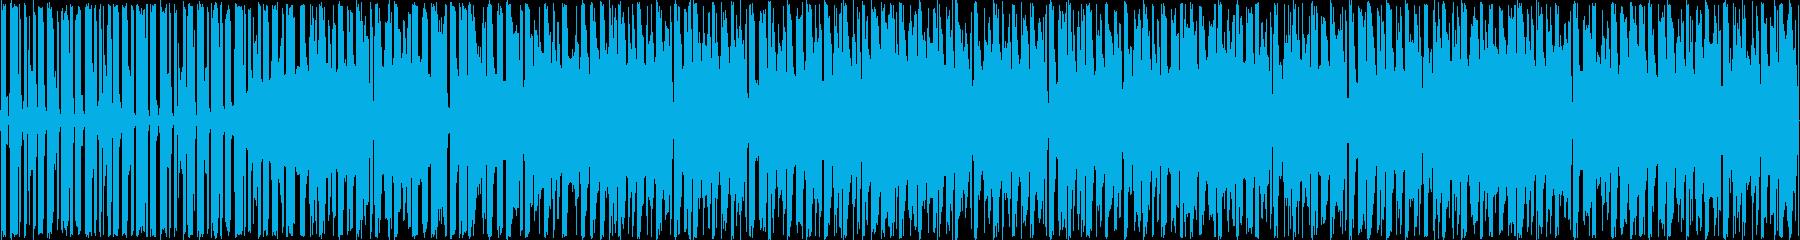 エレクトロダンスloopの再生済みの波形